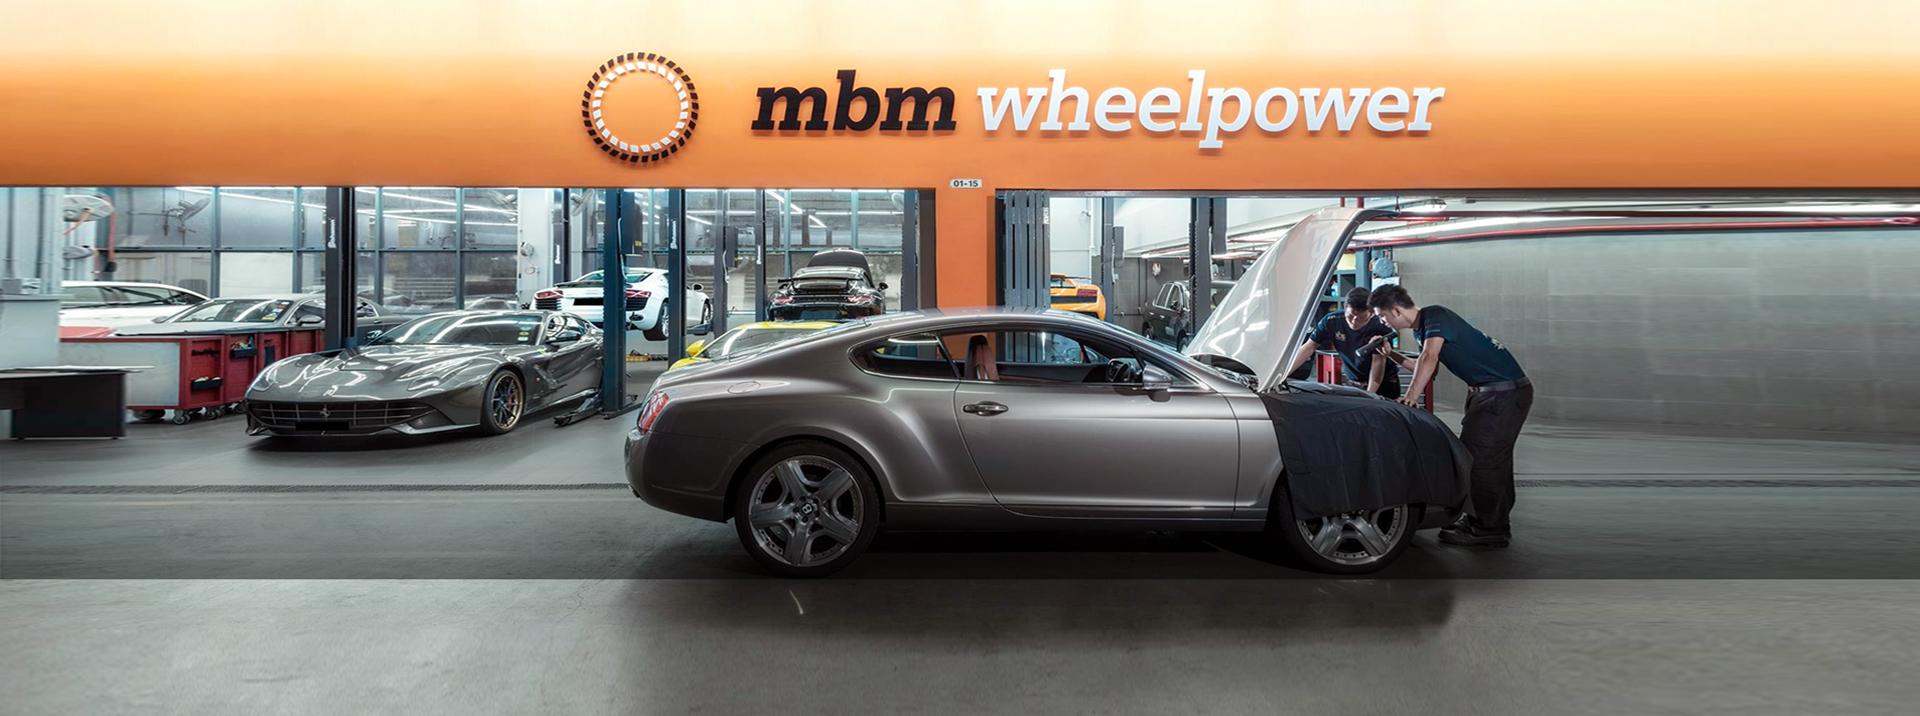 Hi Tech equipment, modern technology. Unrivalled Technical Prowess - MBM Wheelpower